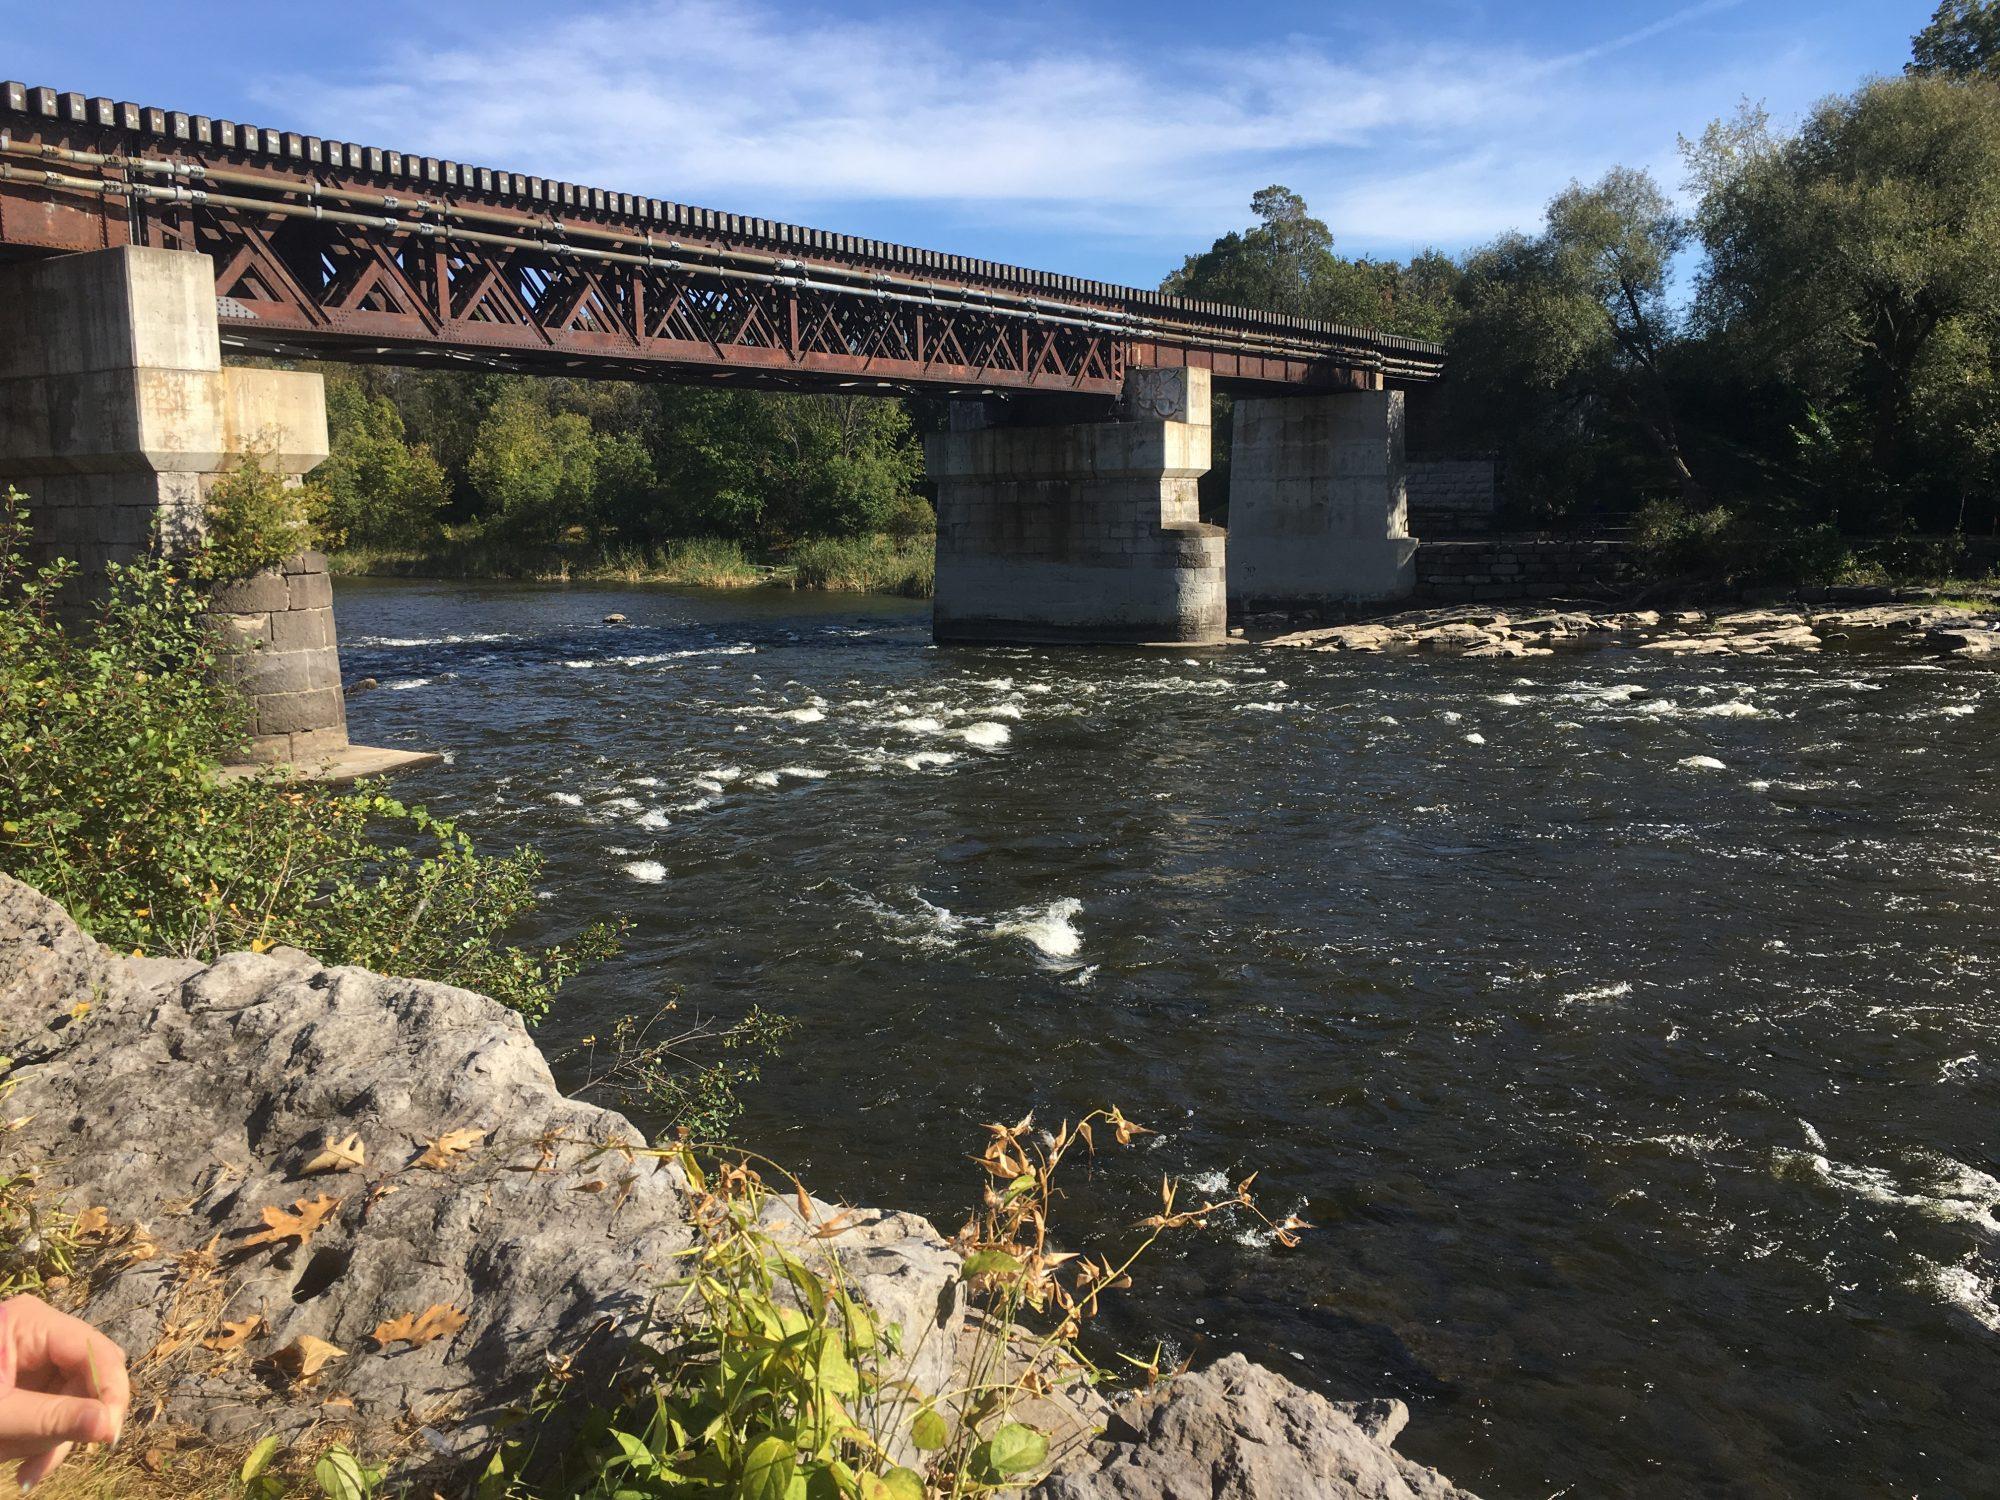 The Rideau River as it flows through the Carleton campus.